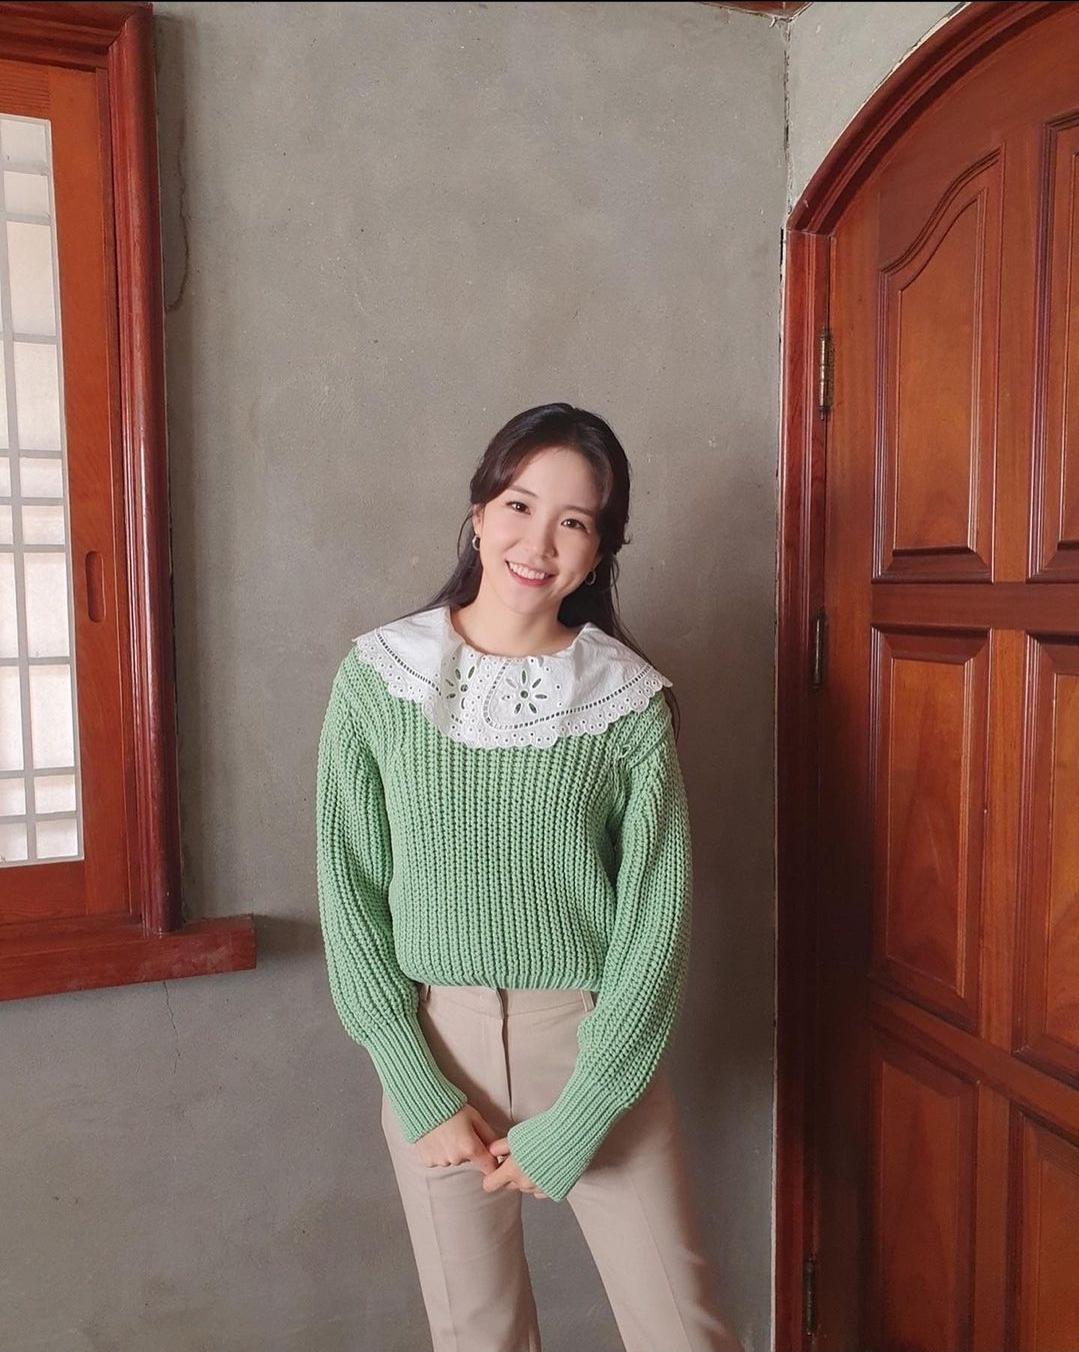 장예원 아나운서 월간커넥트 의상 - 꾸르